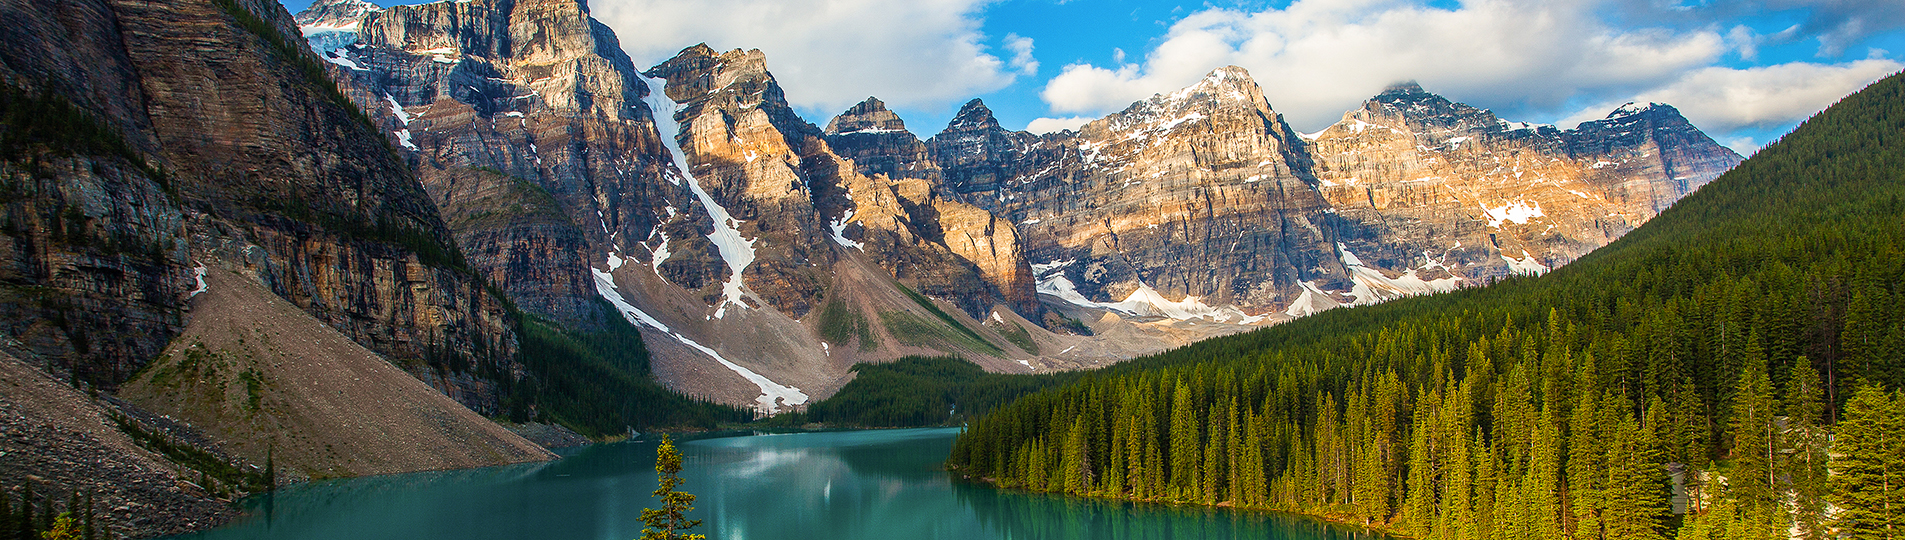 טיול לקנדה - Wild Travel